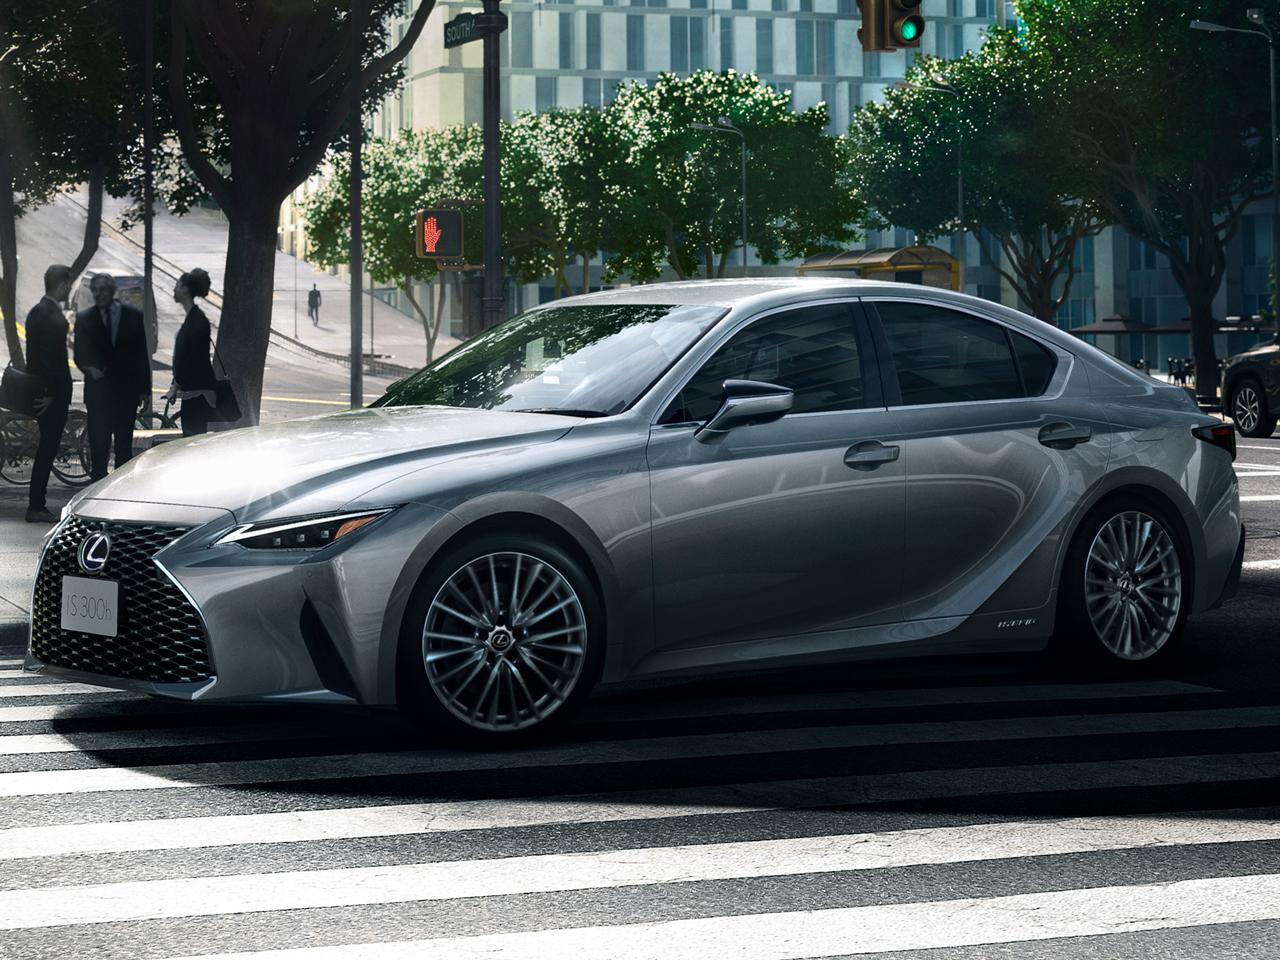 レクサス IS ハイブリッド 2013年モデル 新車画像